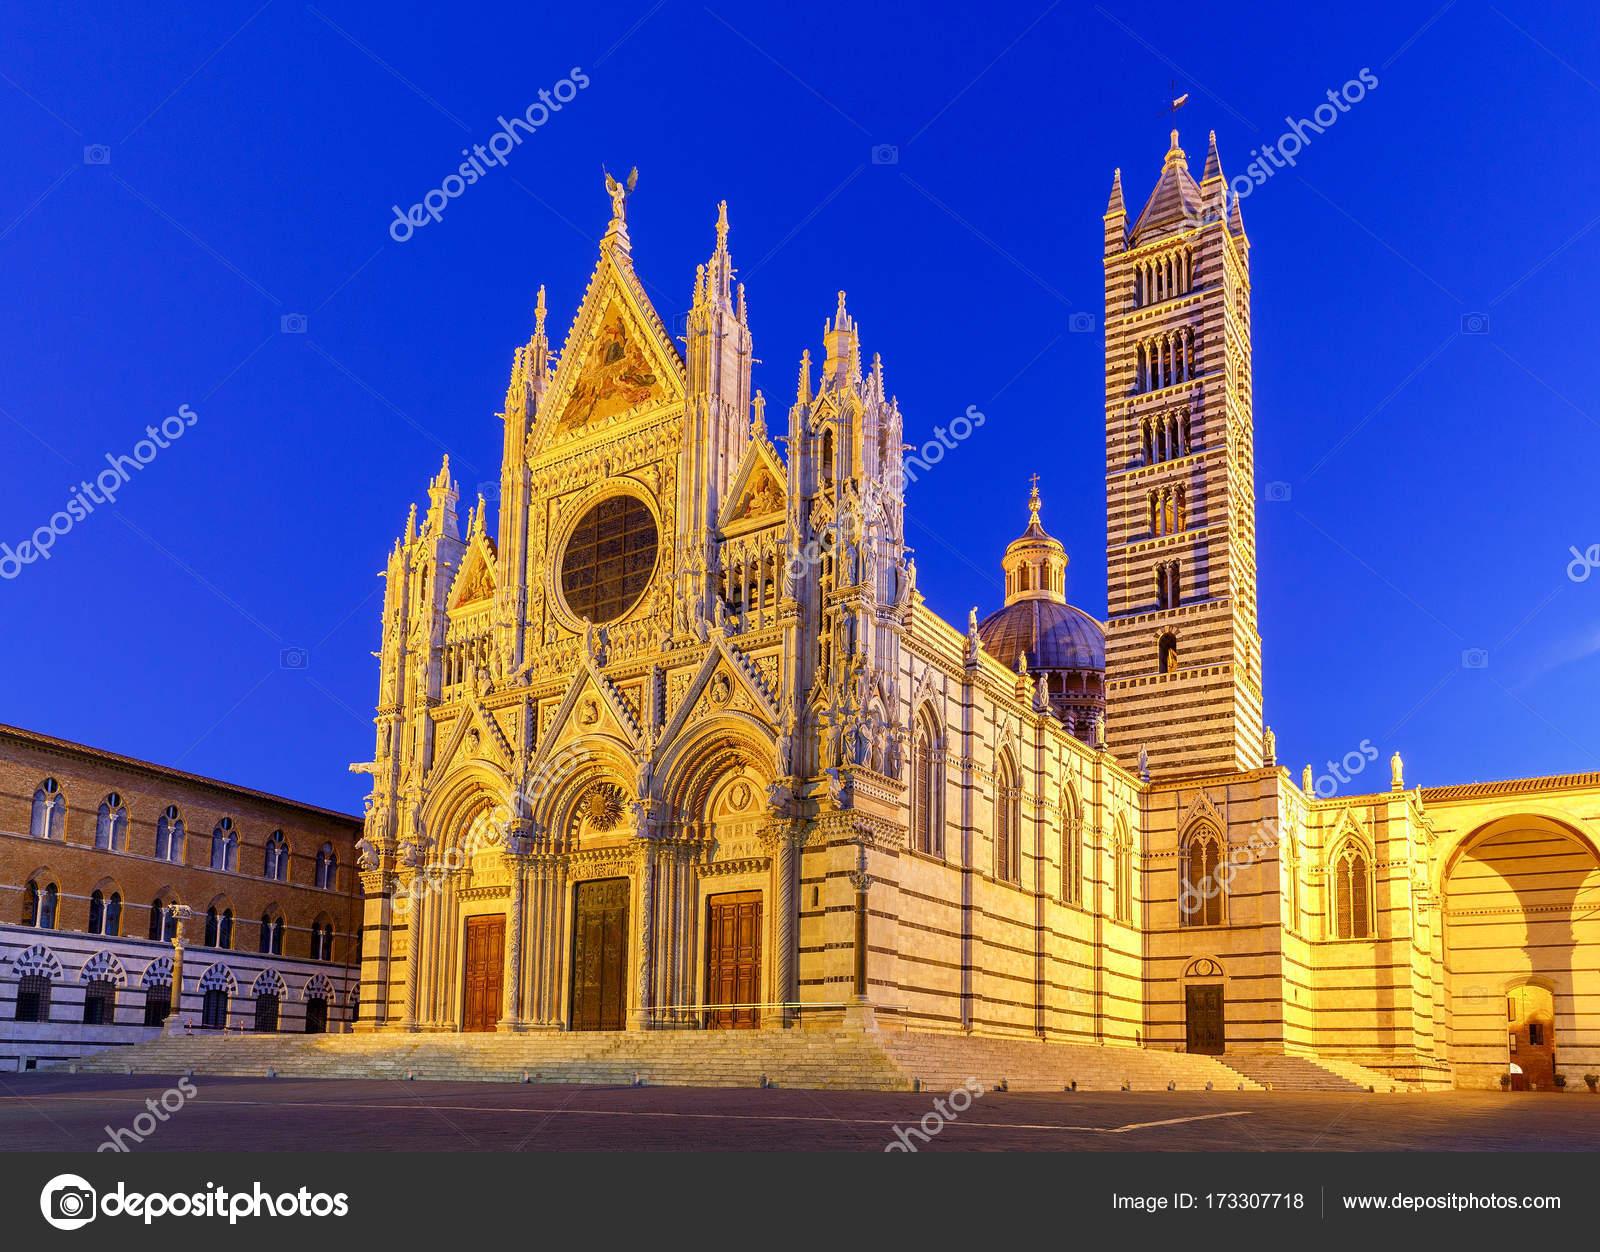 Siena. cattedrale al tramonto u2014 foto stock © pillerss #173307718